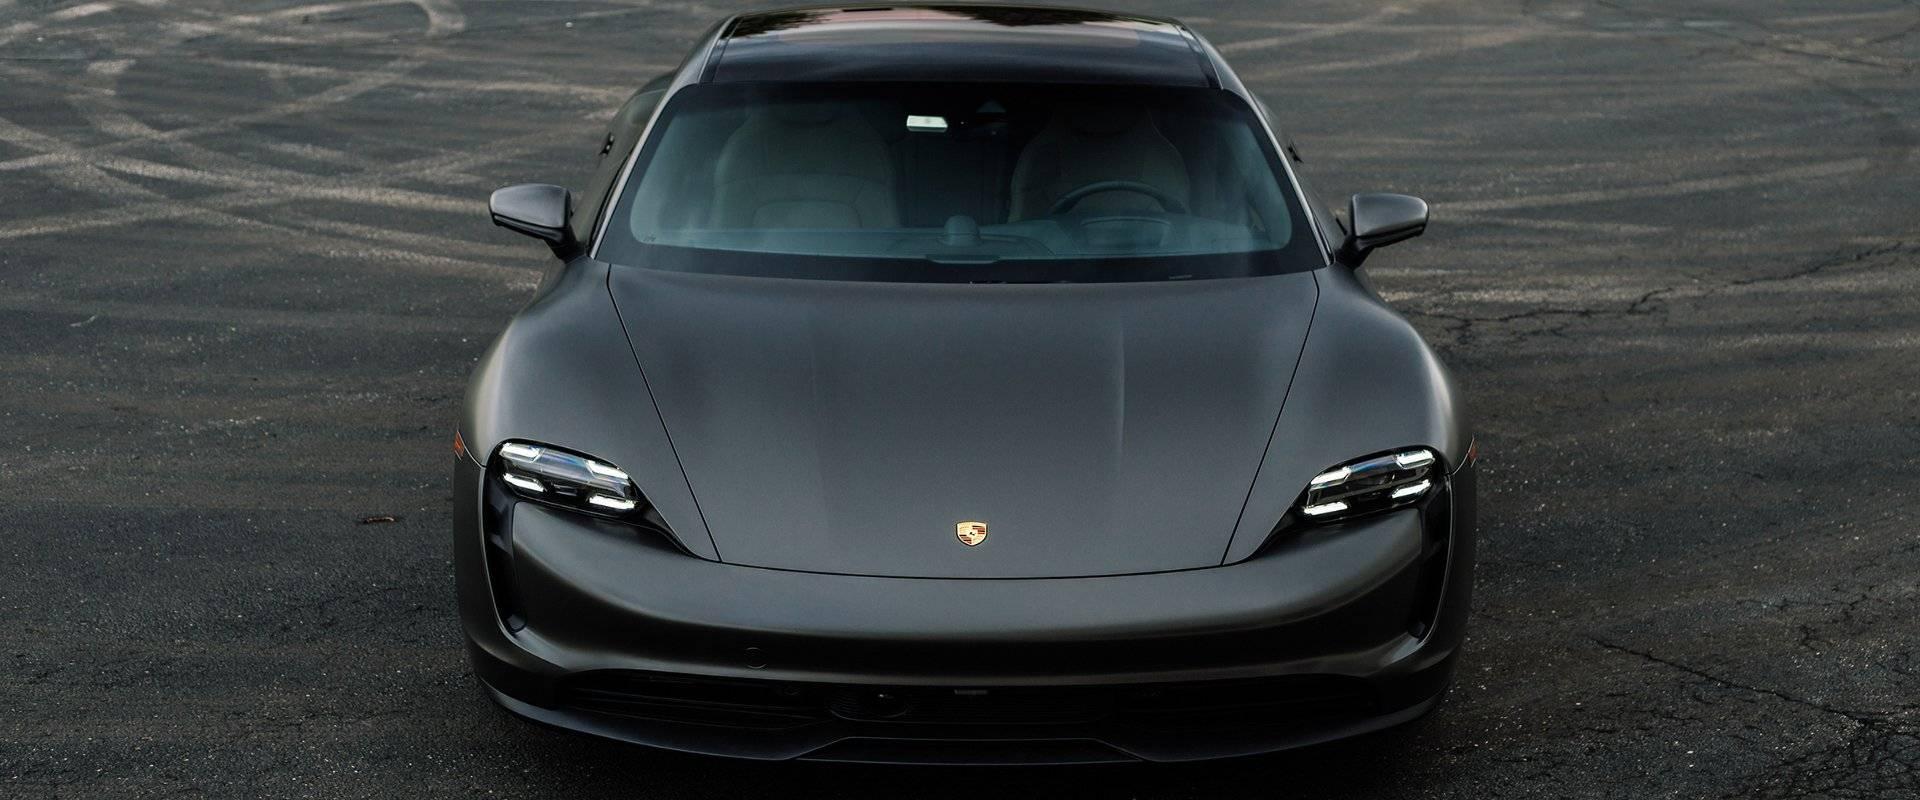 Local Matte black, satin black, carbon fiber wraps for Vehicles